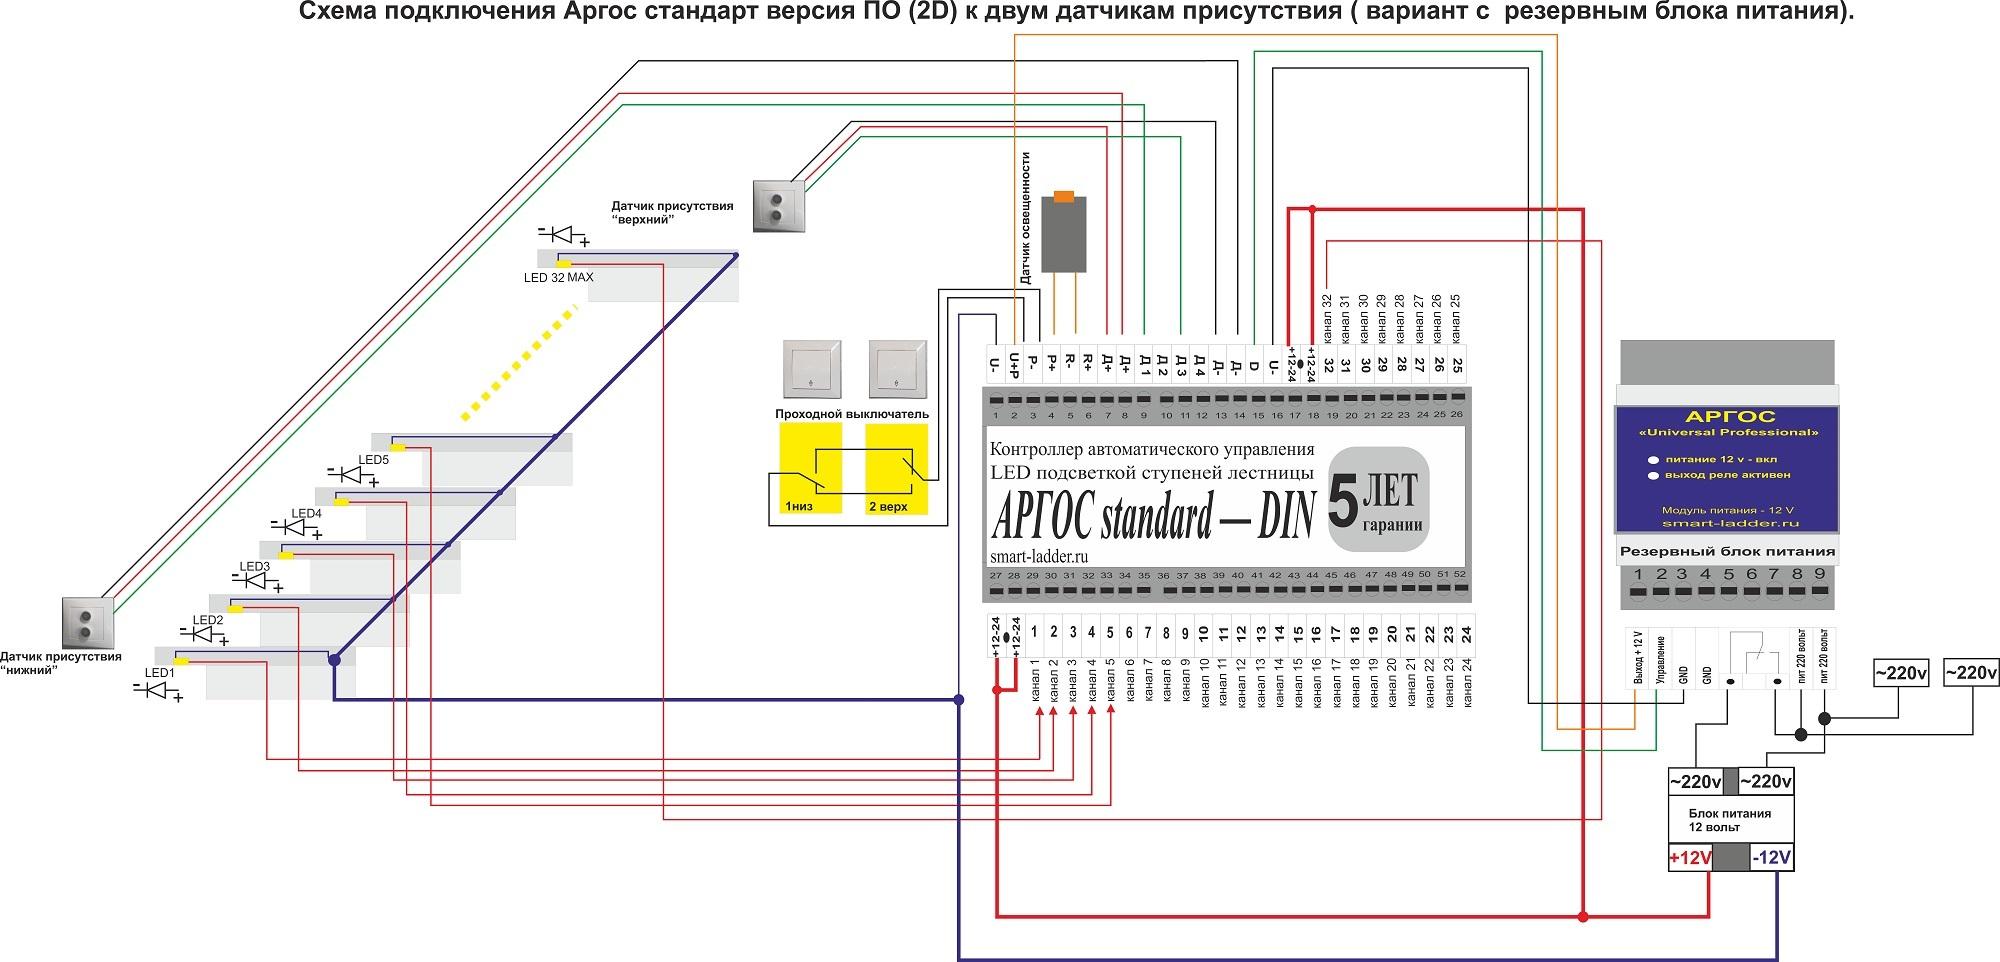 Схемы подключения проходного выключателей и датчик движения